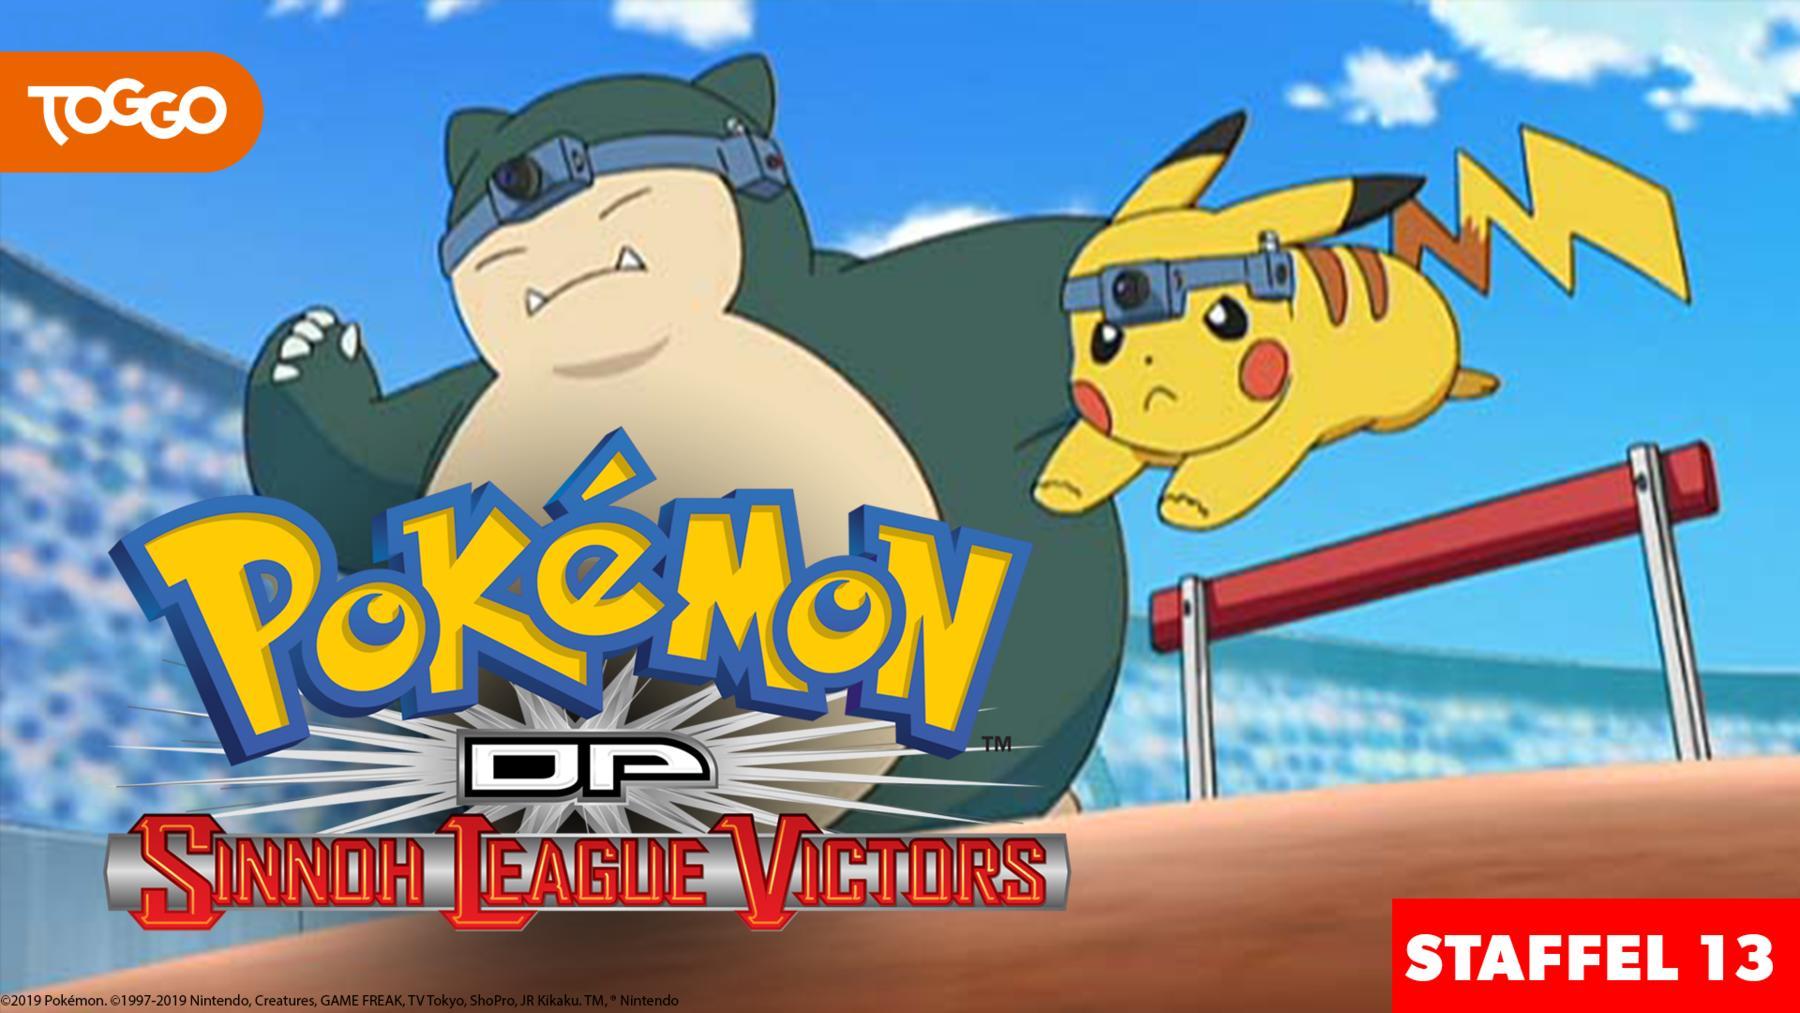 Pokémon: DP Sieger der Sinnoh-Liga / 13